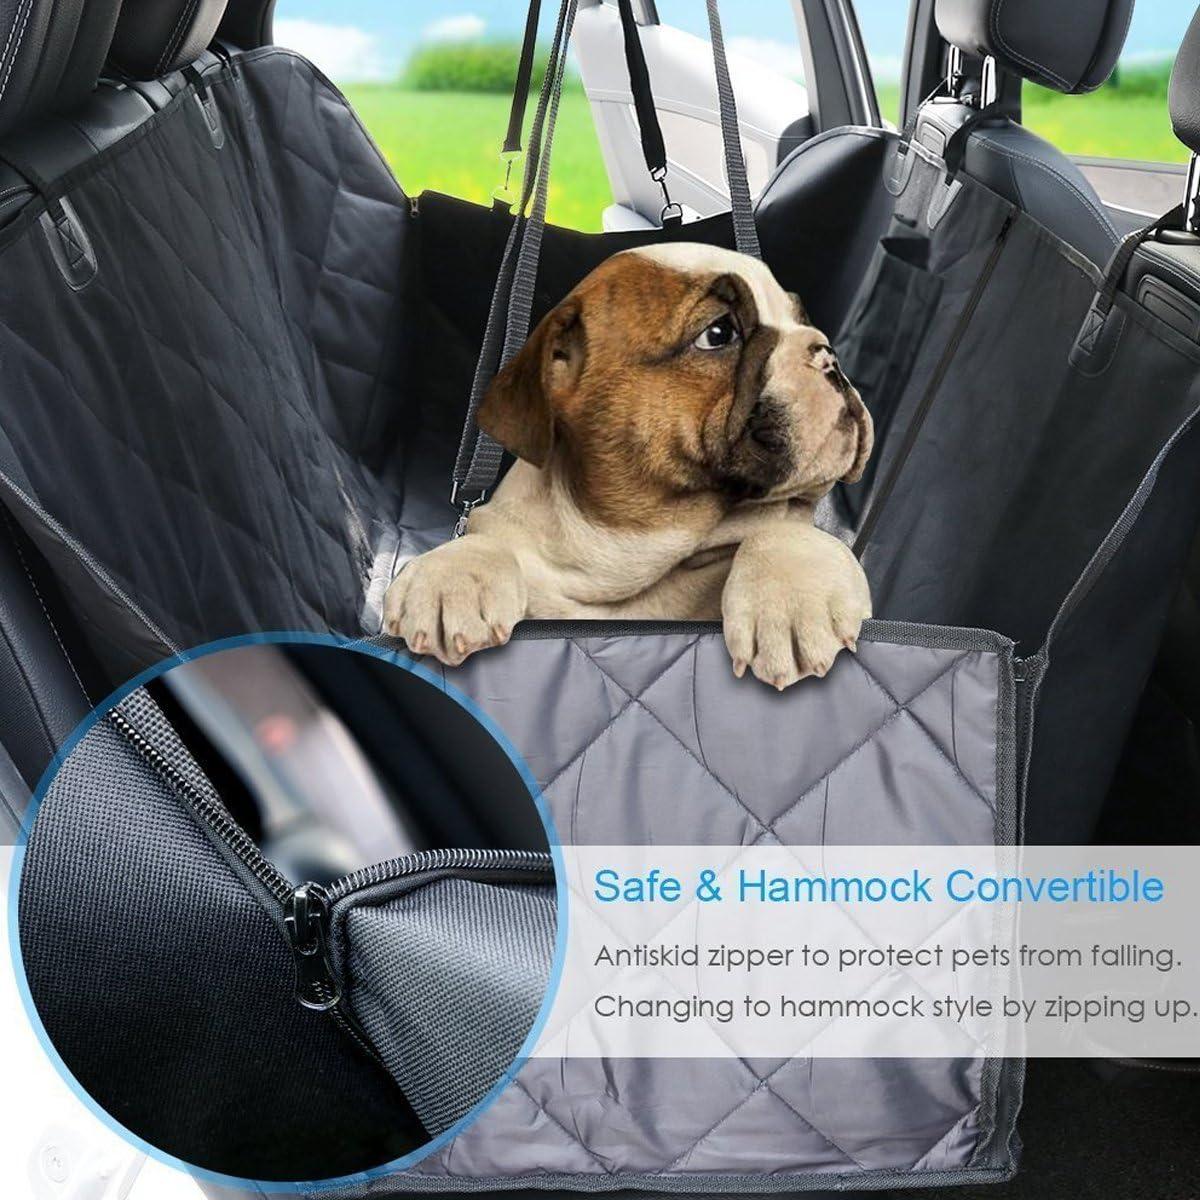 PETCUTE Coprisedile Auto per Cani Amaca per Cani Rivestimento per Sedile dellAuto Copertura di Sedile per Viaggio